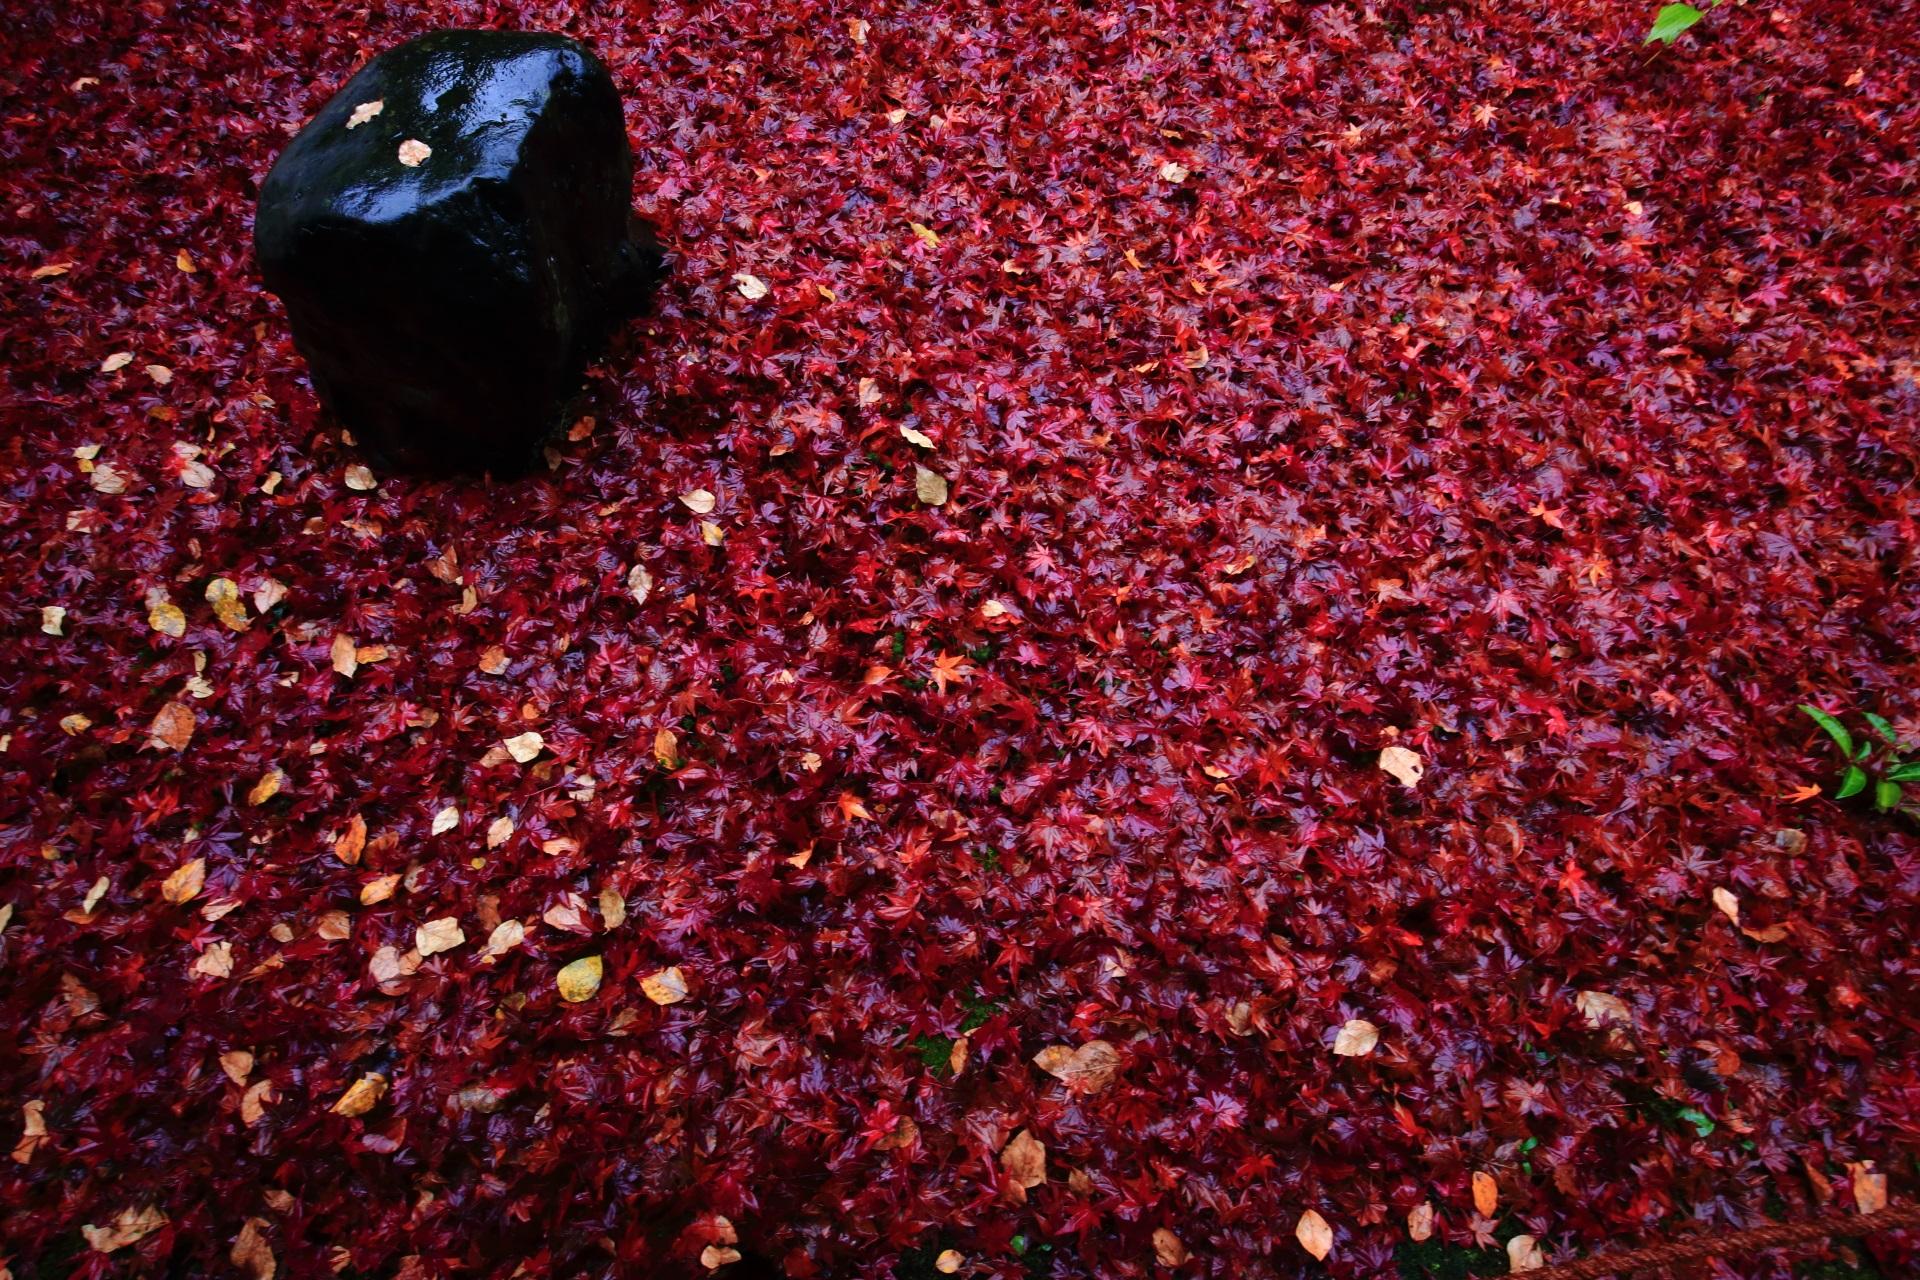 金福寺の凄すぎる圧倒的な散紅葉や敷紅葉